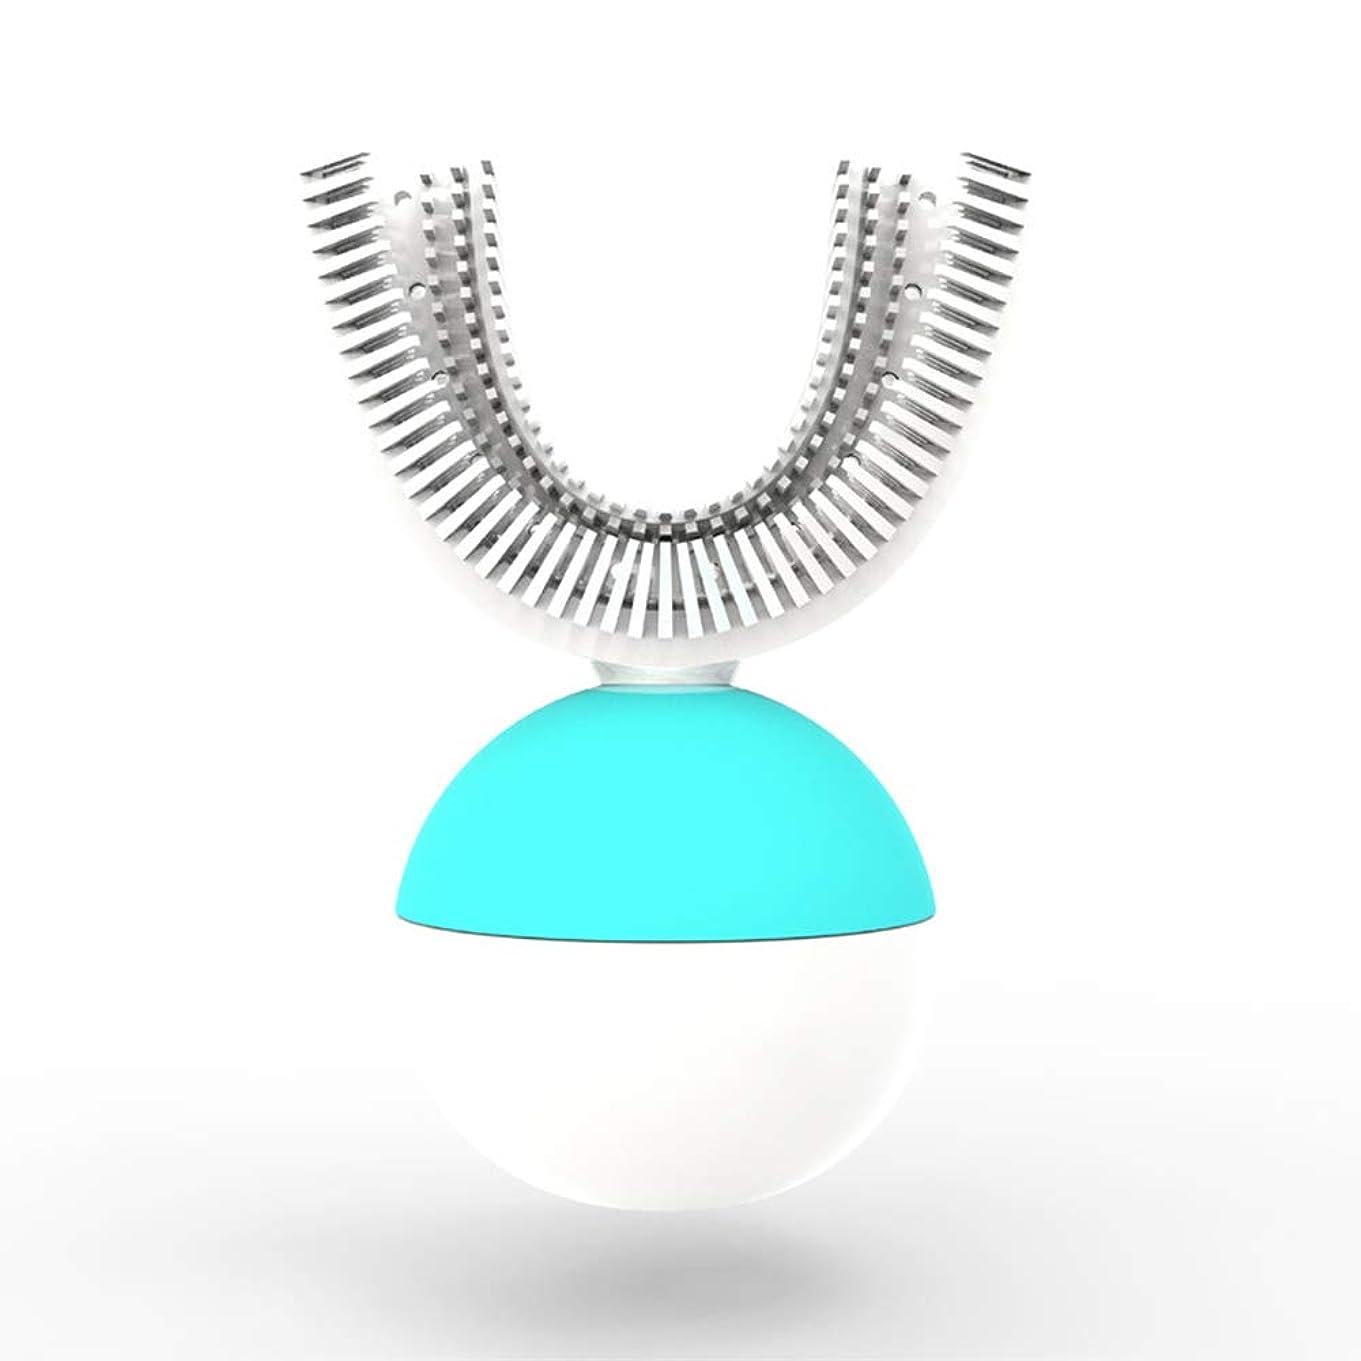 タイトルサンダース部分的にワイヤレス充電による全自動電動歯ブラシ360°インテリジェント自動、ポータブルUタイプ歯ブラシ、10秒タイマー、IPX7防水